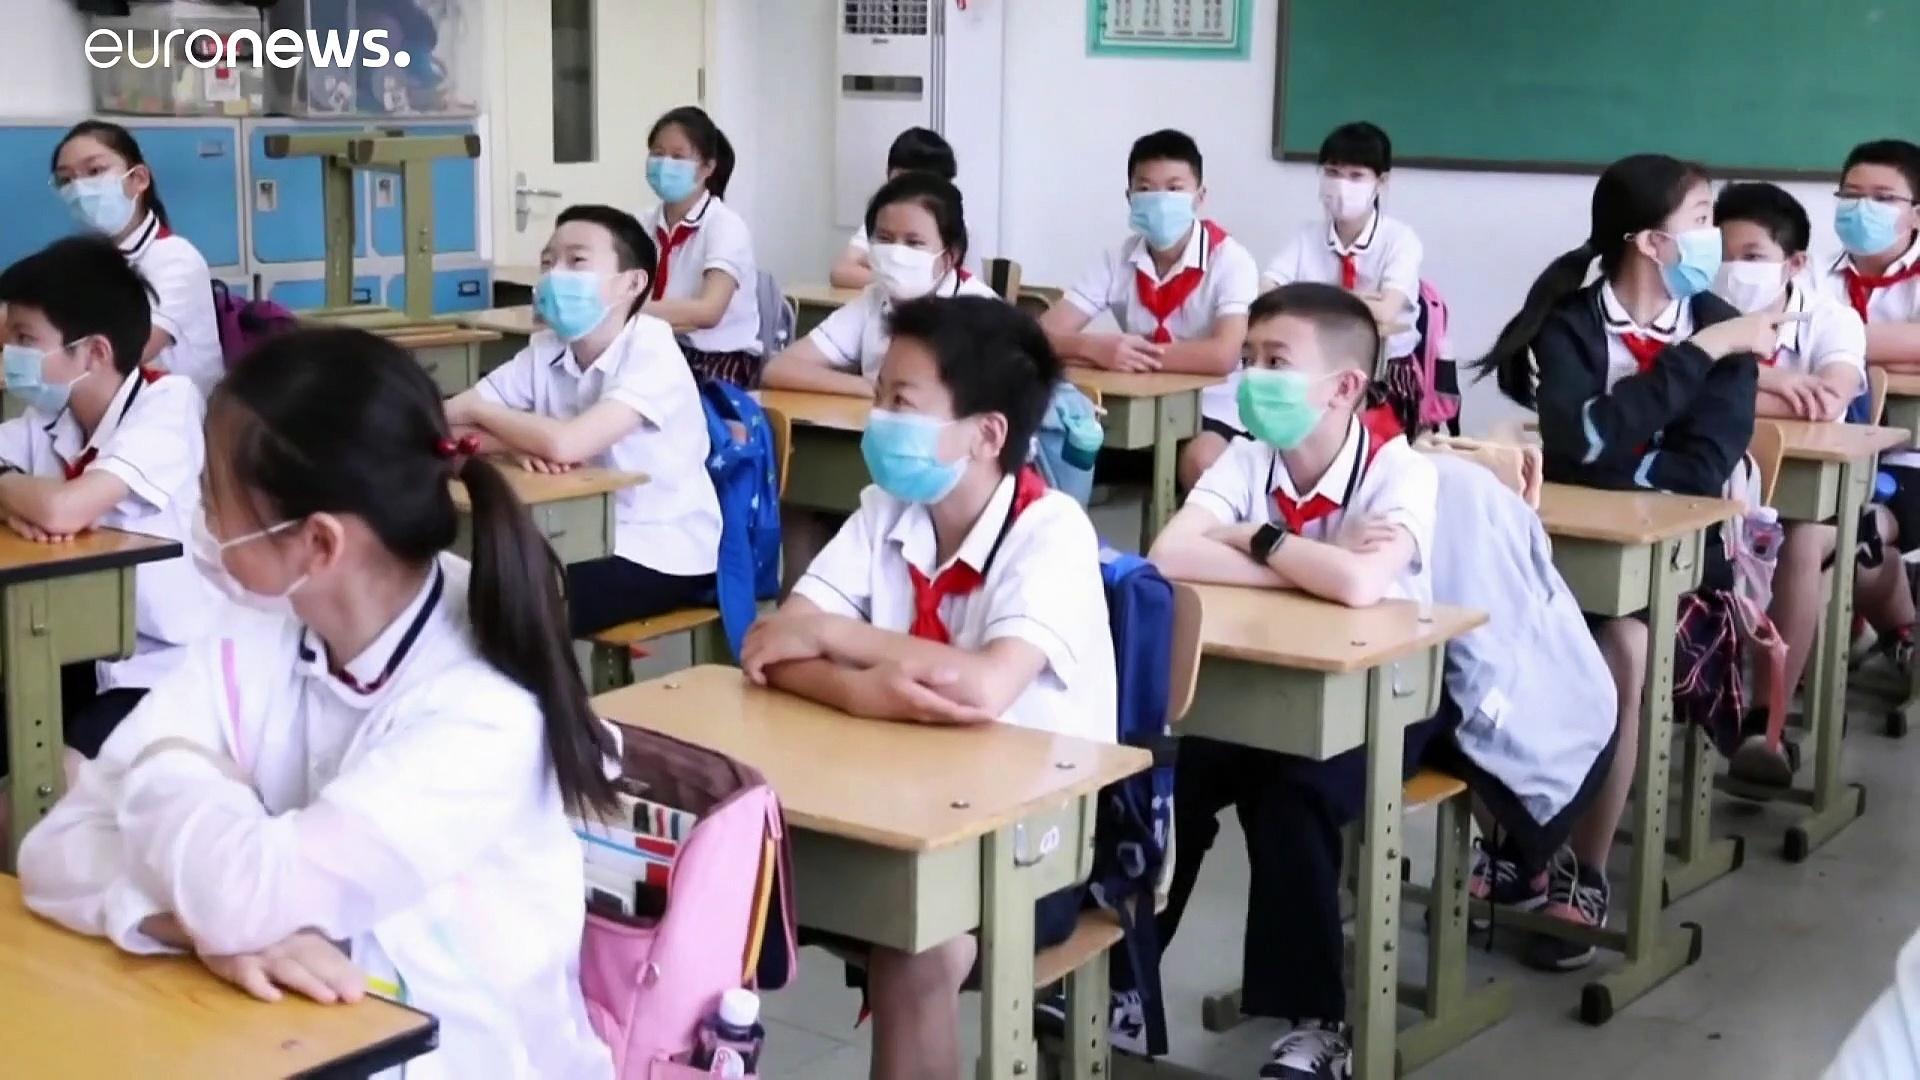 Novo surto de coronavírus na China preocupa a OMS